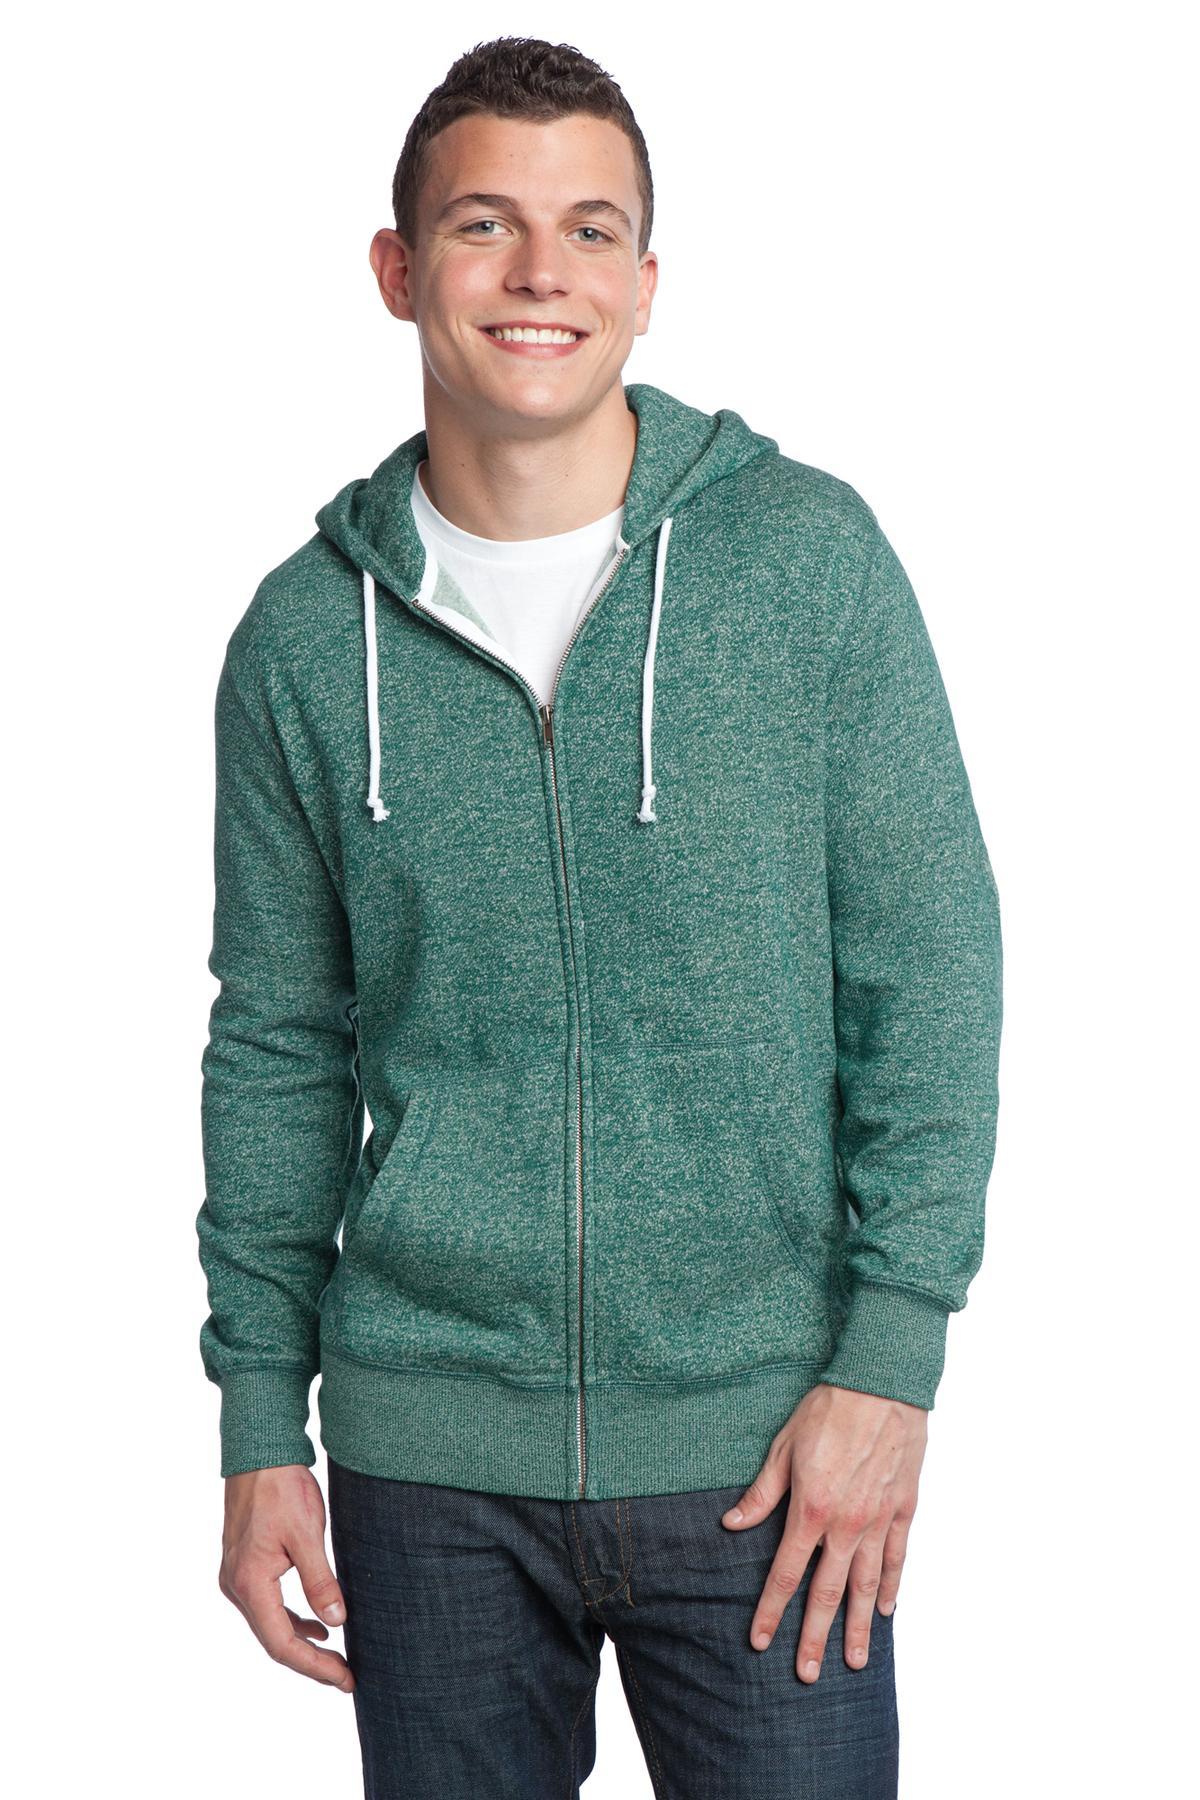 Sweatshirts-Fleece-Hooded-14